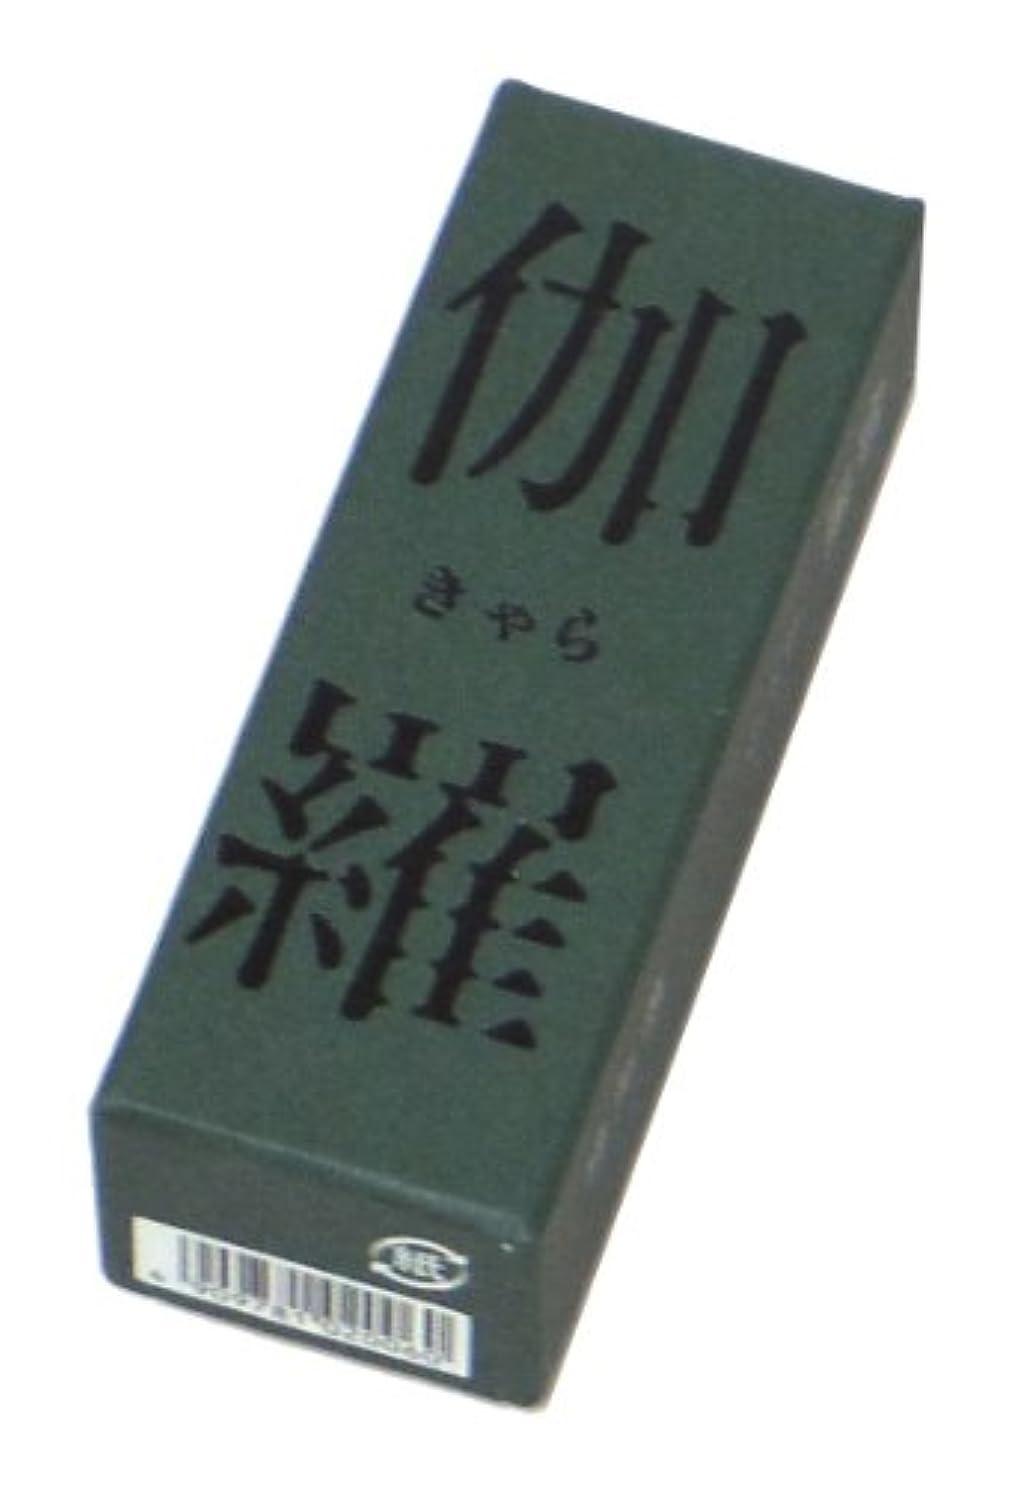 仲人デコードするクリスチャン鳩居堂のお香 香木の香り 伽羅 20本入 6cm